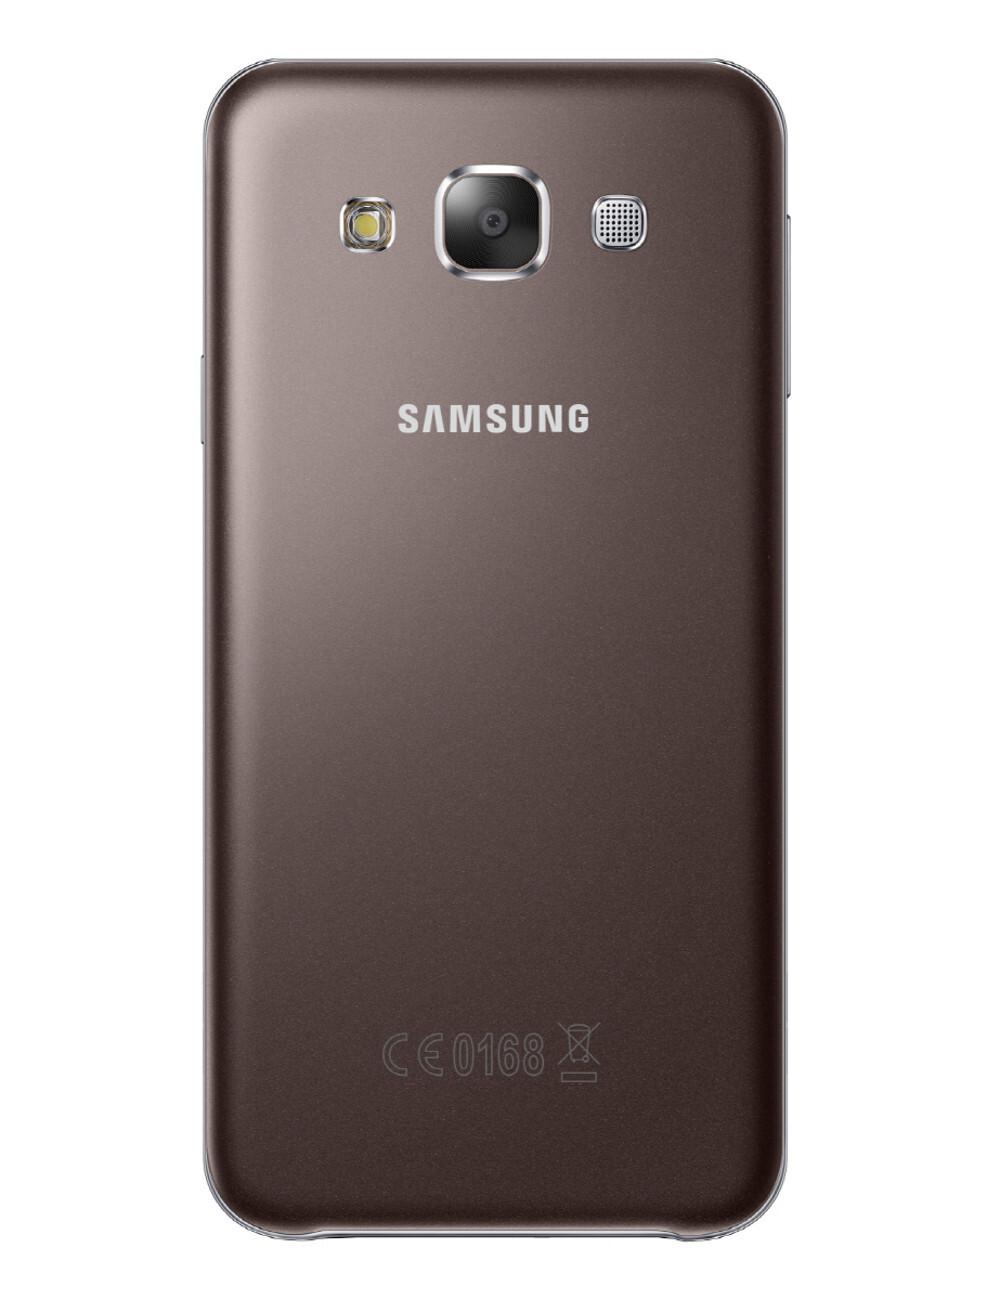 samsung galaxy 7 price comparison